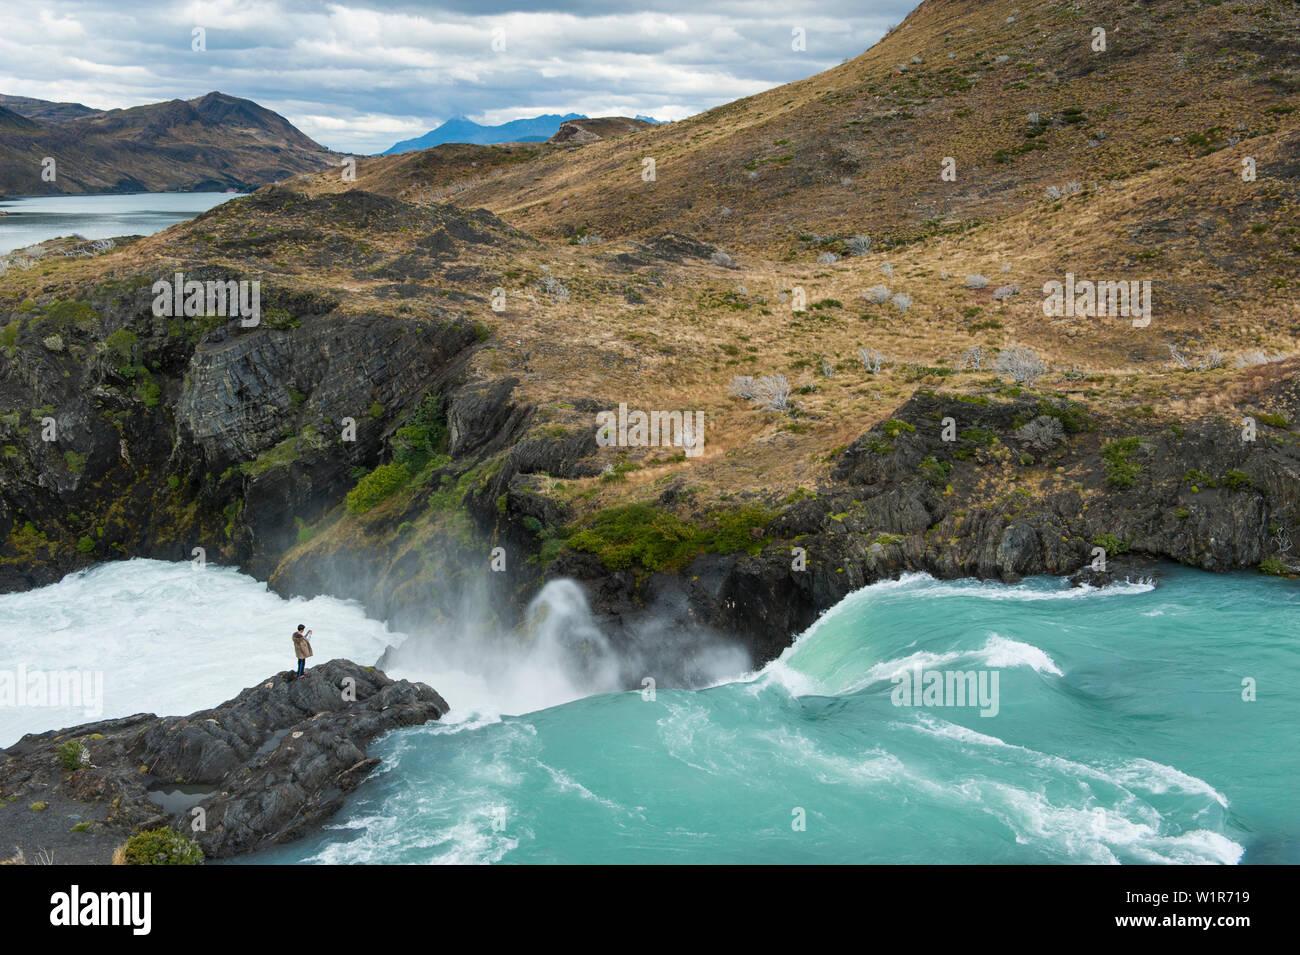 A visitor captures a photo at the Mirador Salto Grande waterfall, Torres del Paine National Park, Magallanes y de la Antartica Chilena, Patagonia, Chi - Stock Image